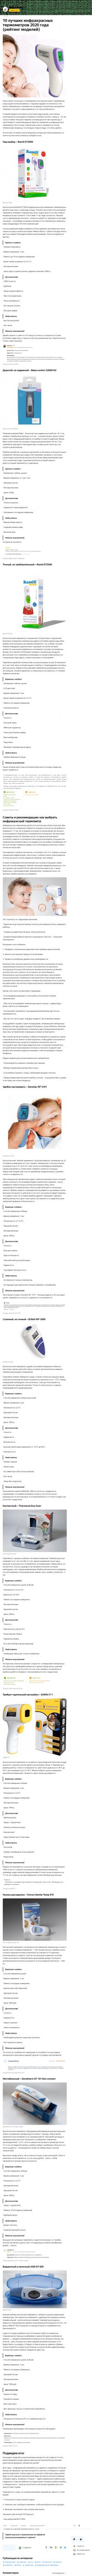 10 лучших инфракрасных термометров - ЯндексДзен